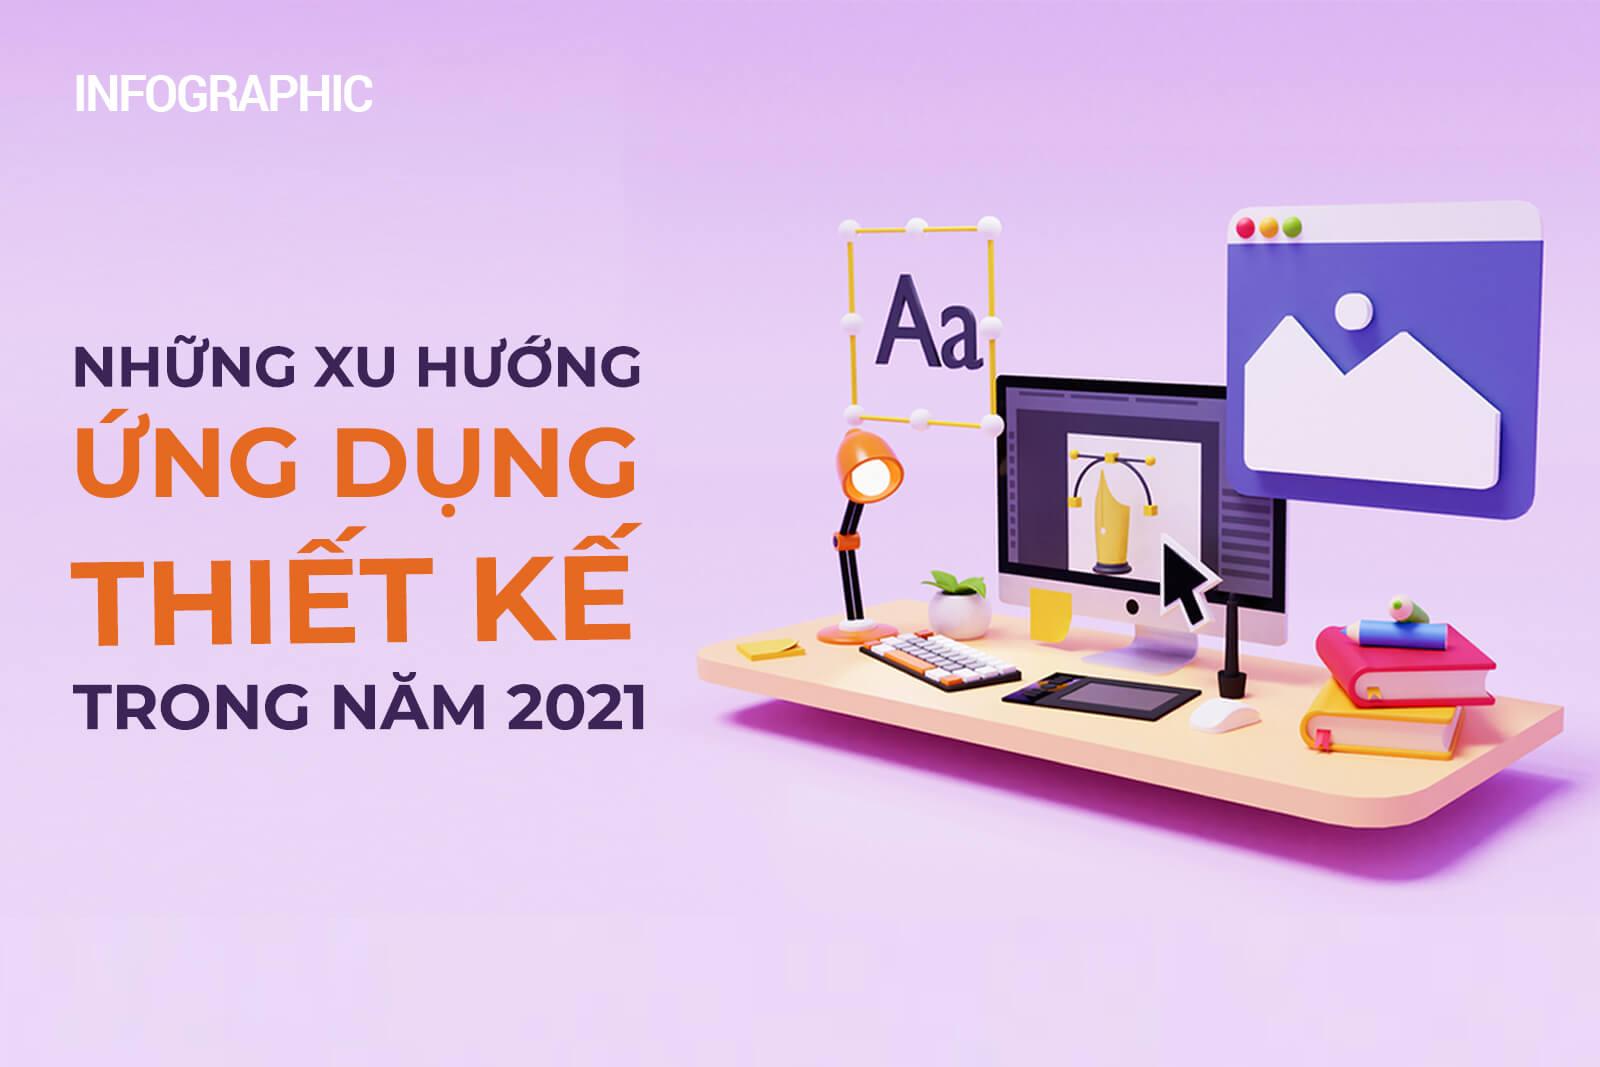 Infographic: 6 xu hướng ứng dụng thiết kế trong năm 2021